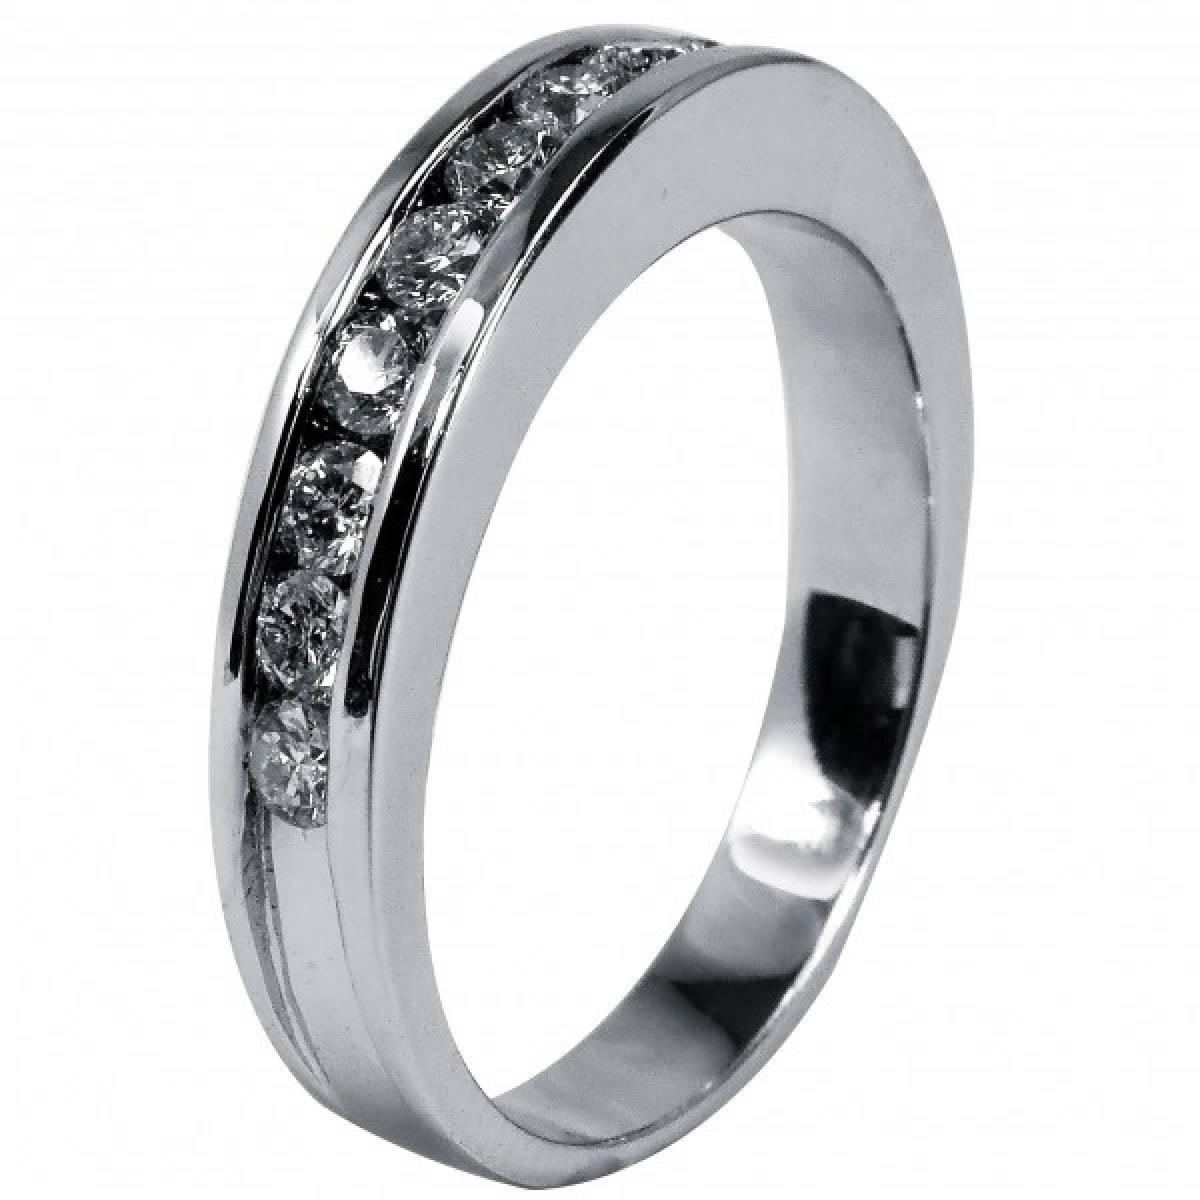 Anel de Noivado em Ouro Branco com diamantes ou zircónias